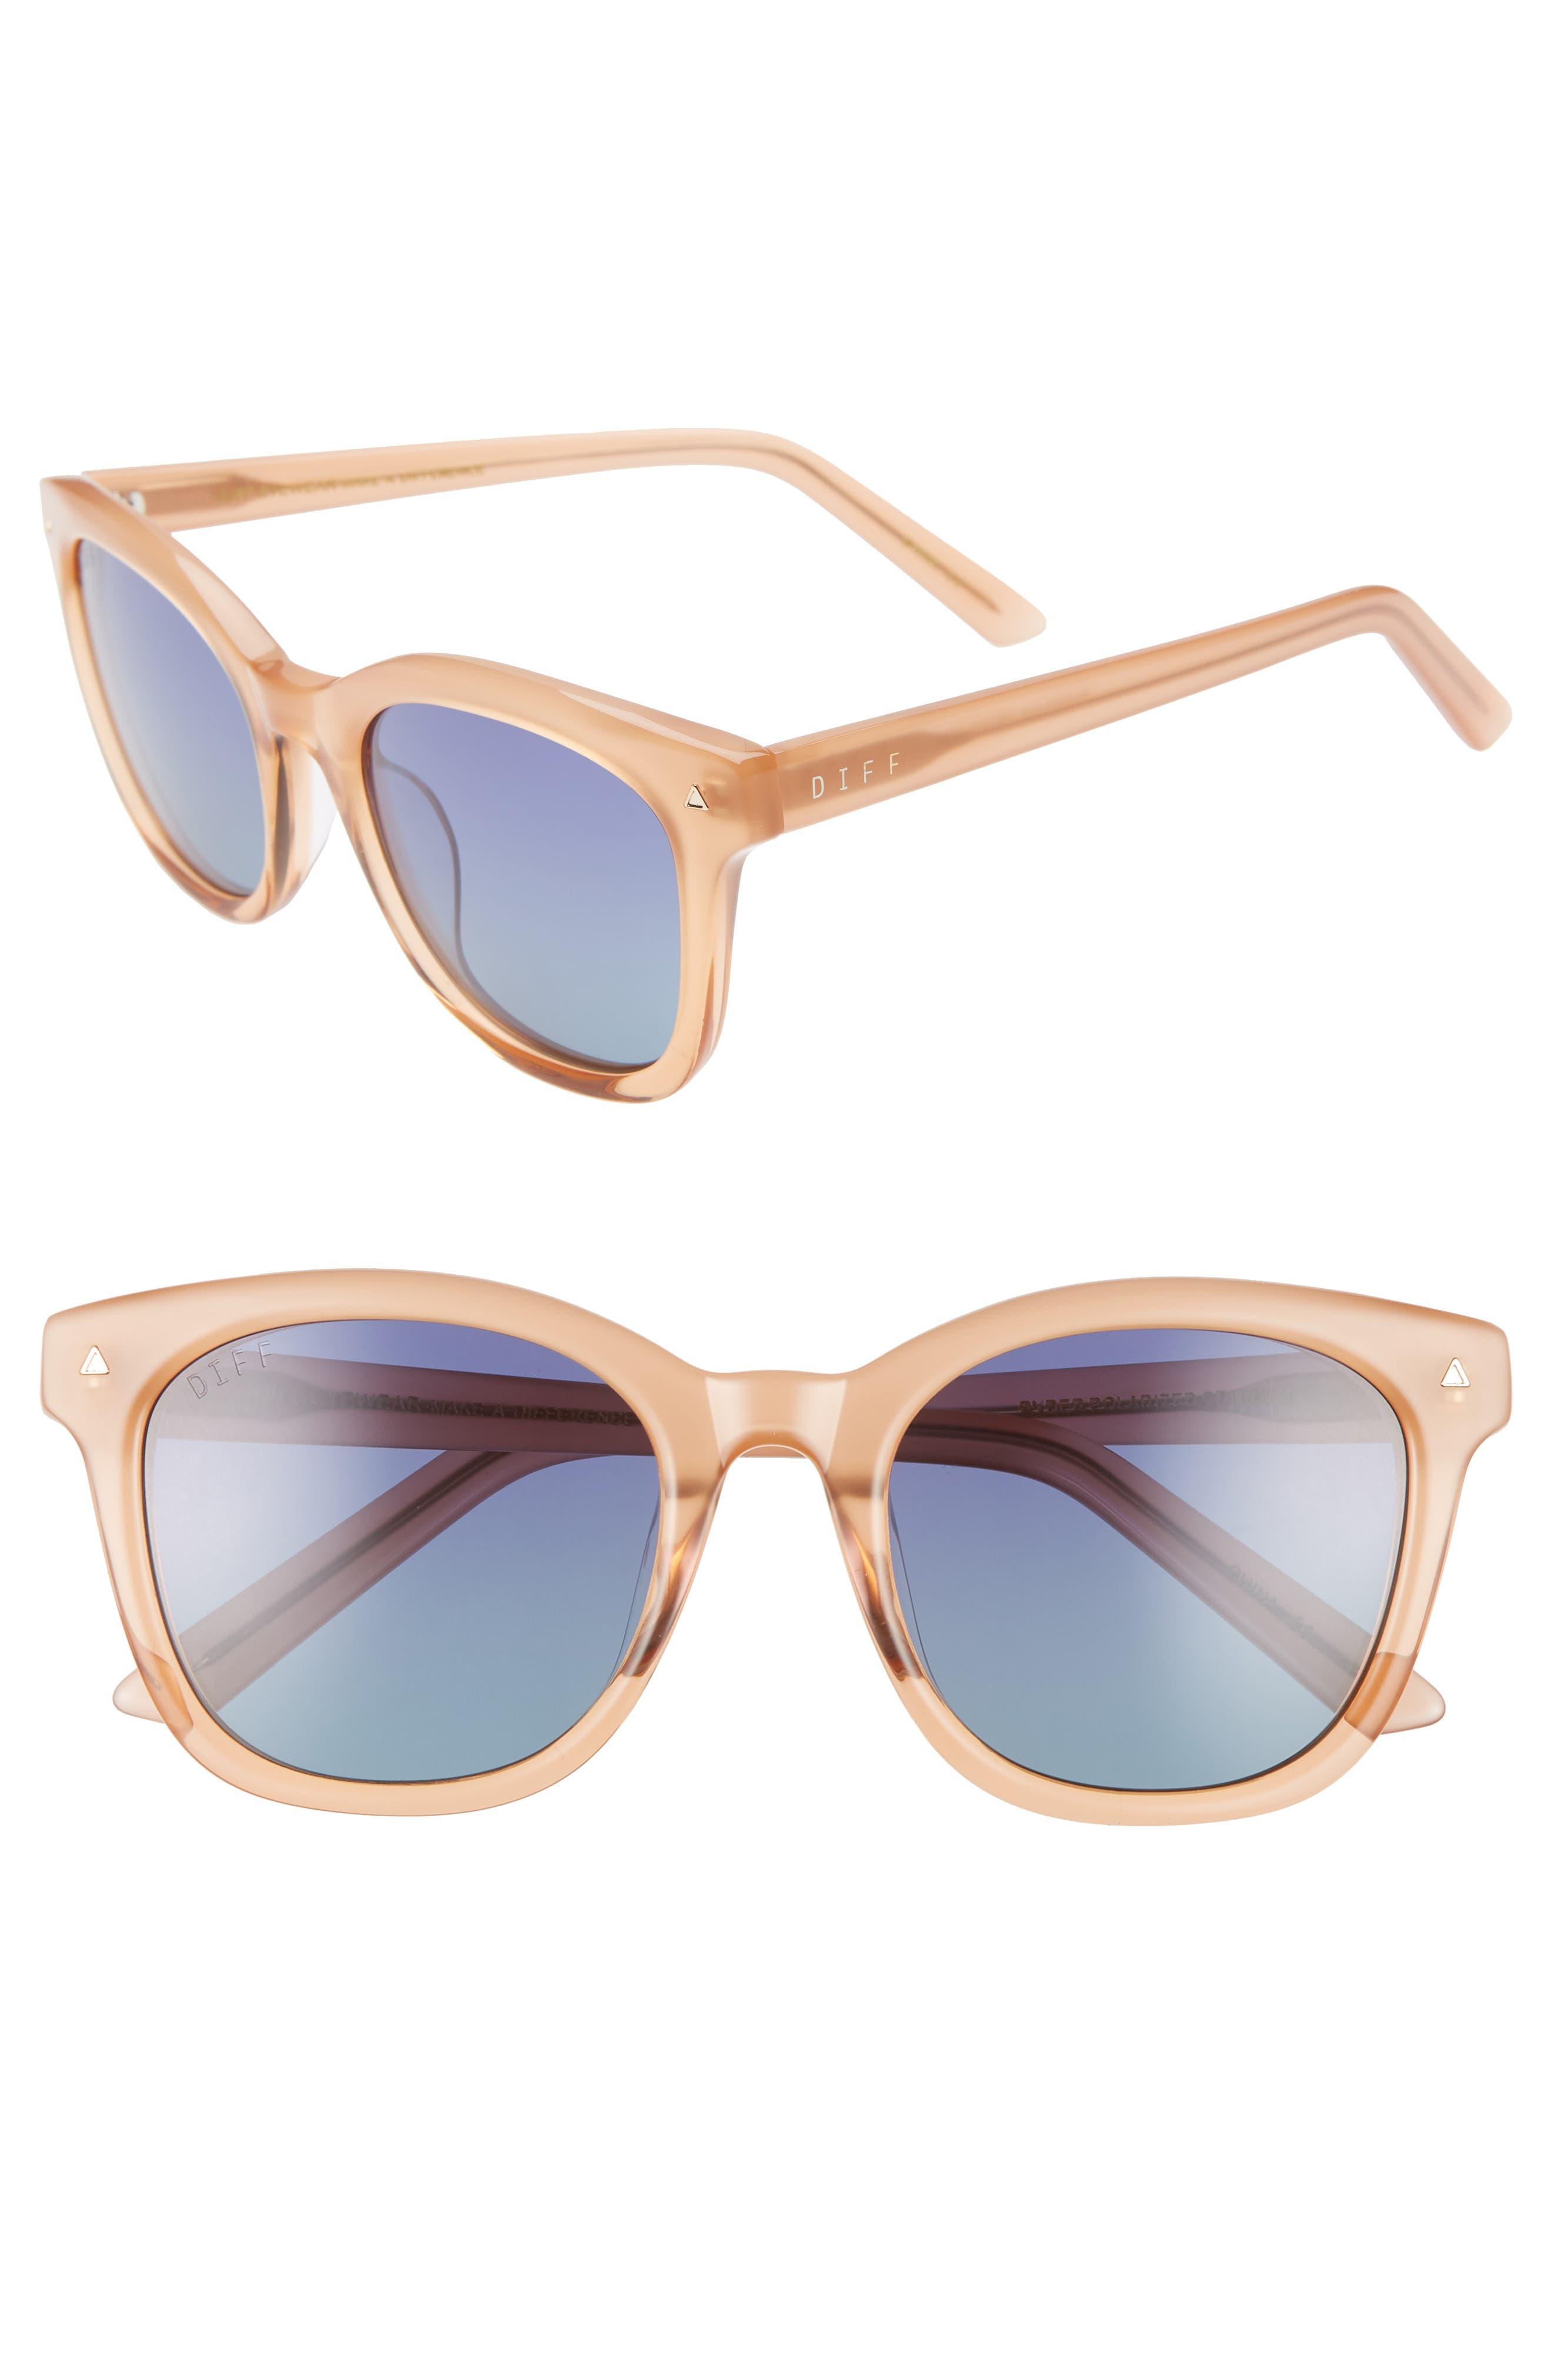 7e126c7bb6d DIFF Sunglasses for Women